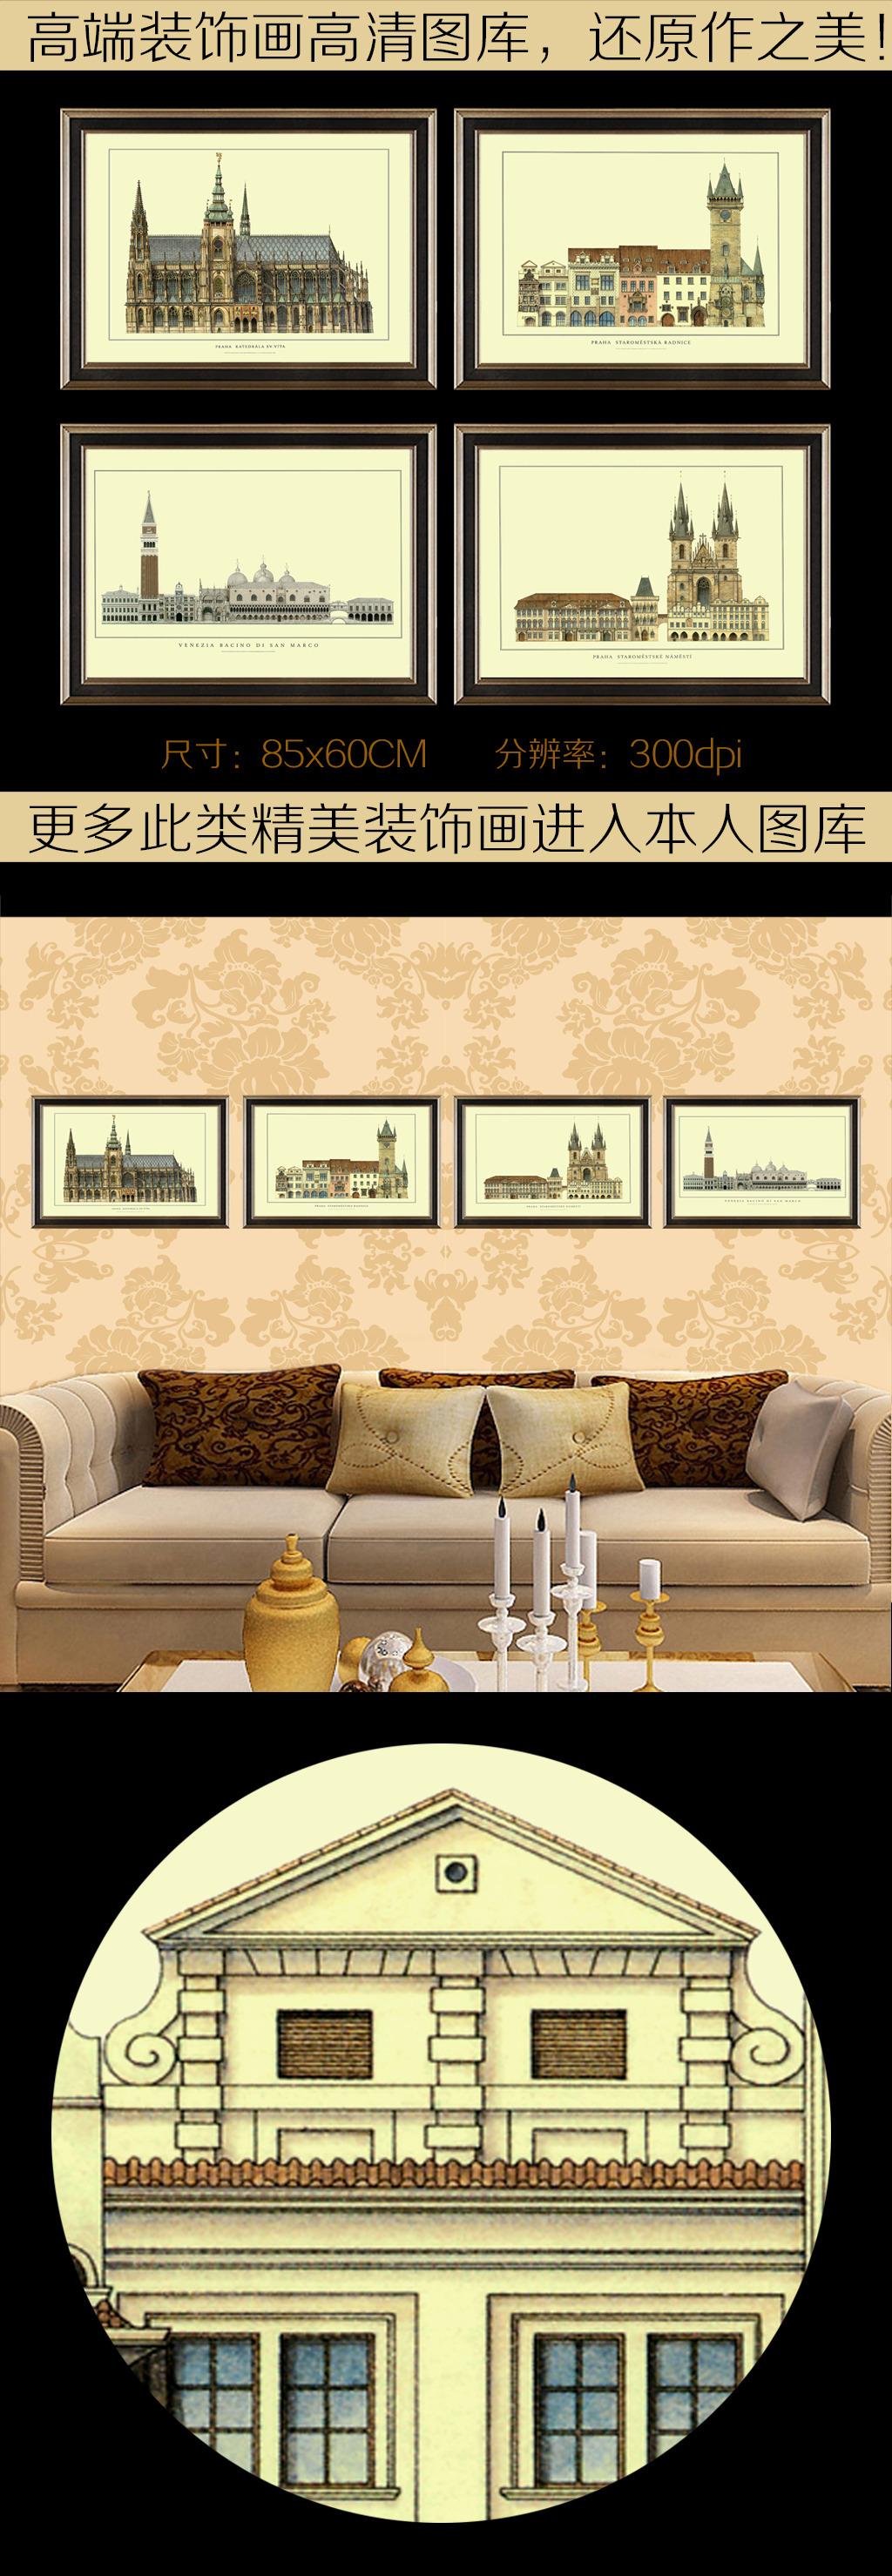 欧式建筑图纸手绘装饰画